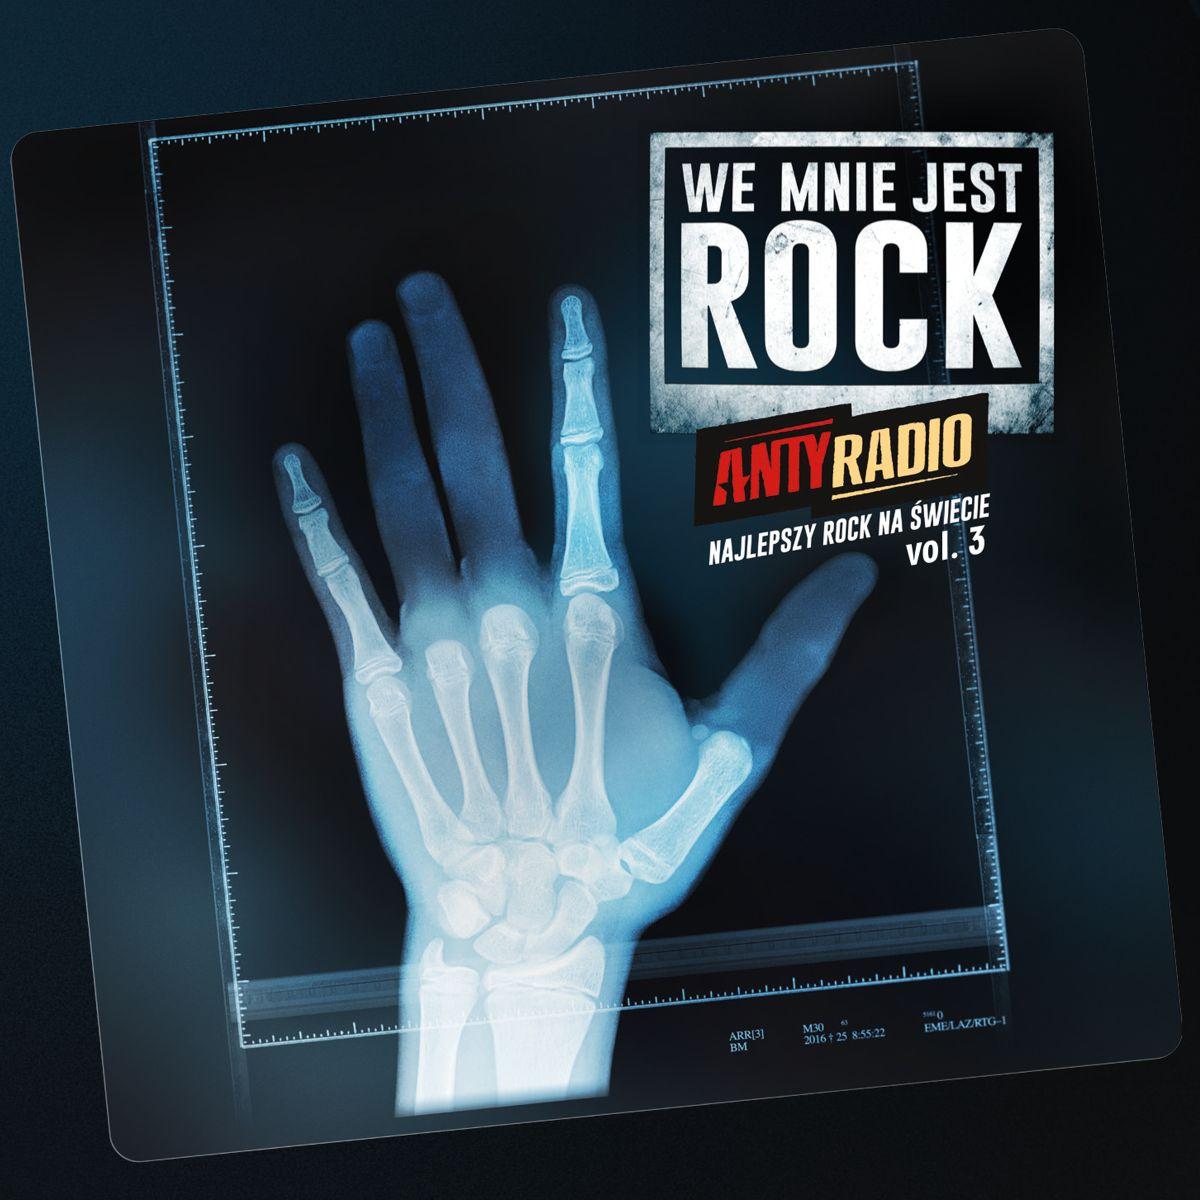 Trzecia część składanki Antyradio - Najlepszy Rock Na Świecie!